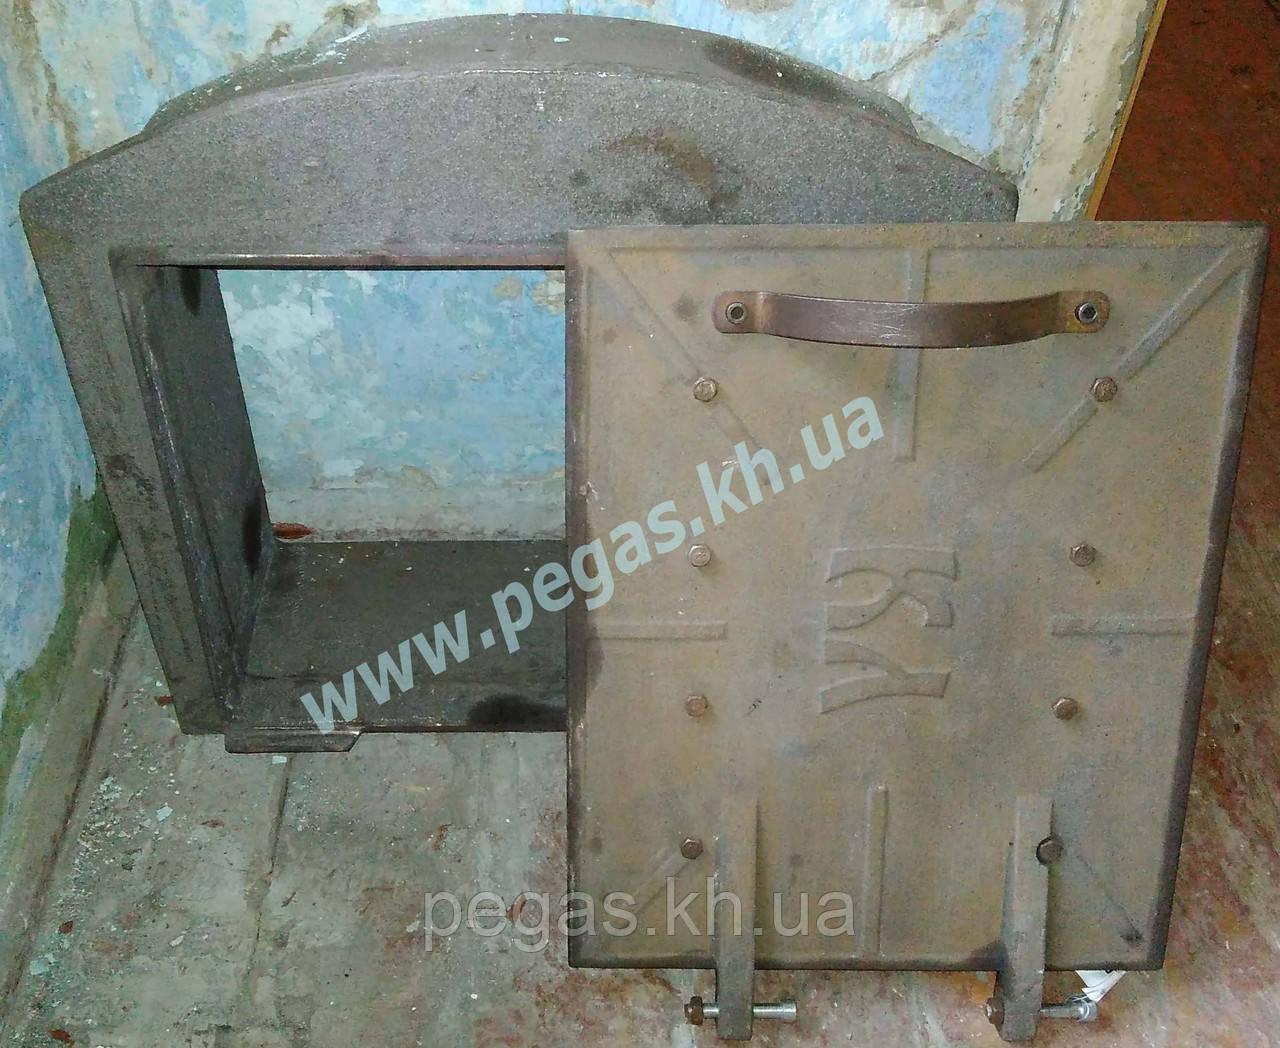 Дверка котла (чугунное литье) 110 кг.